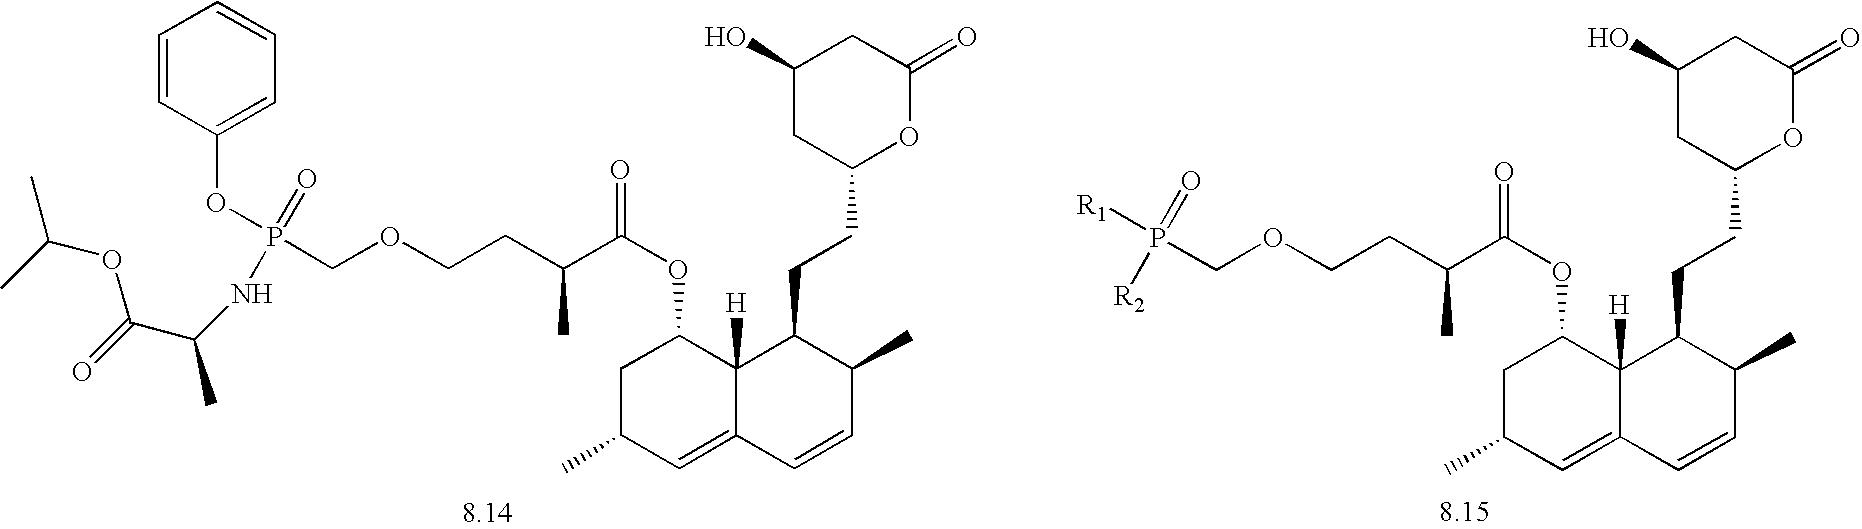 Figure US07407965-20080805-C00166